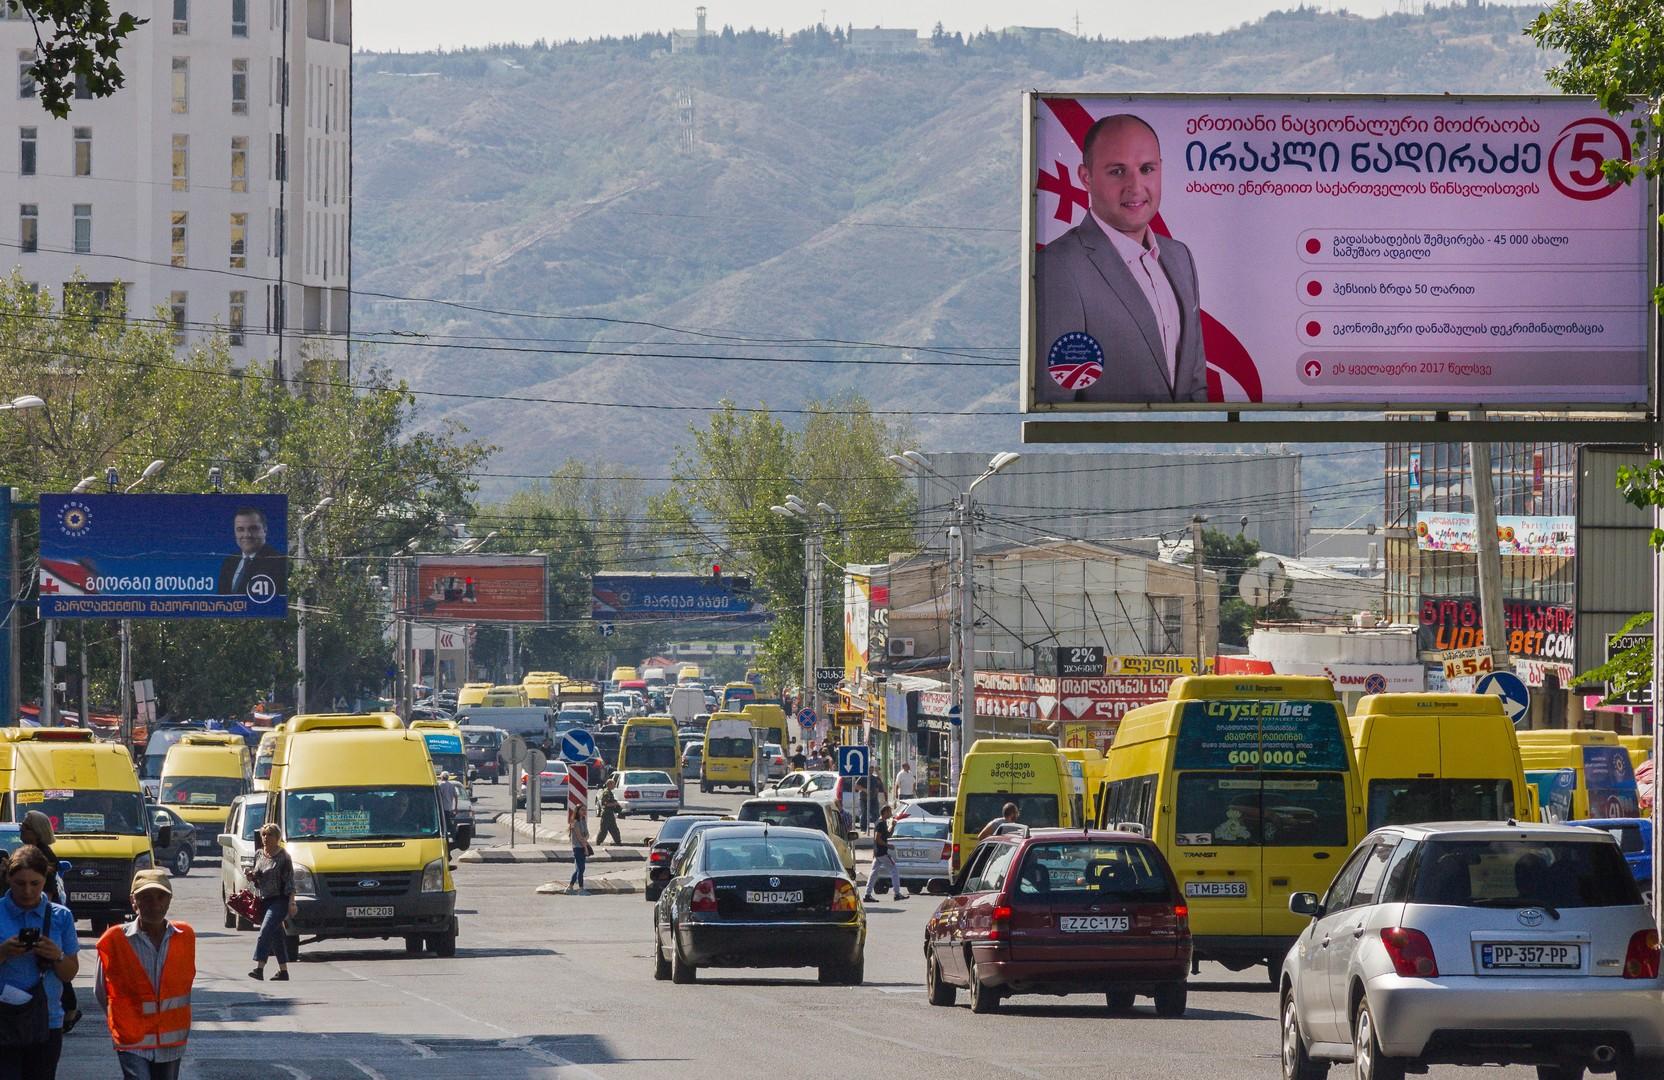 Предвыборные плакаты партий «Грузинская мечта» (слева) и «Единое национальное движение» (справа) в Тбилиси.